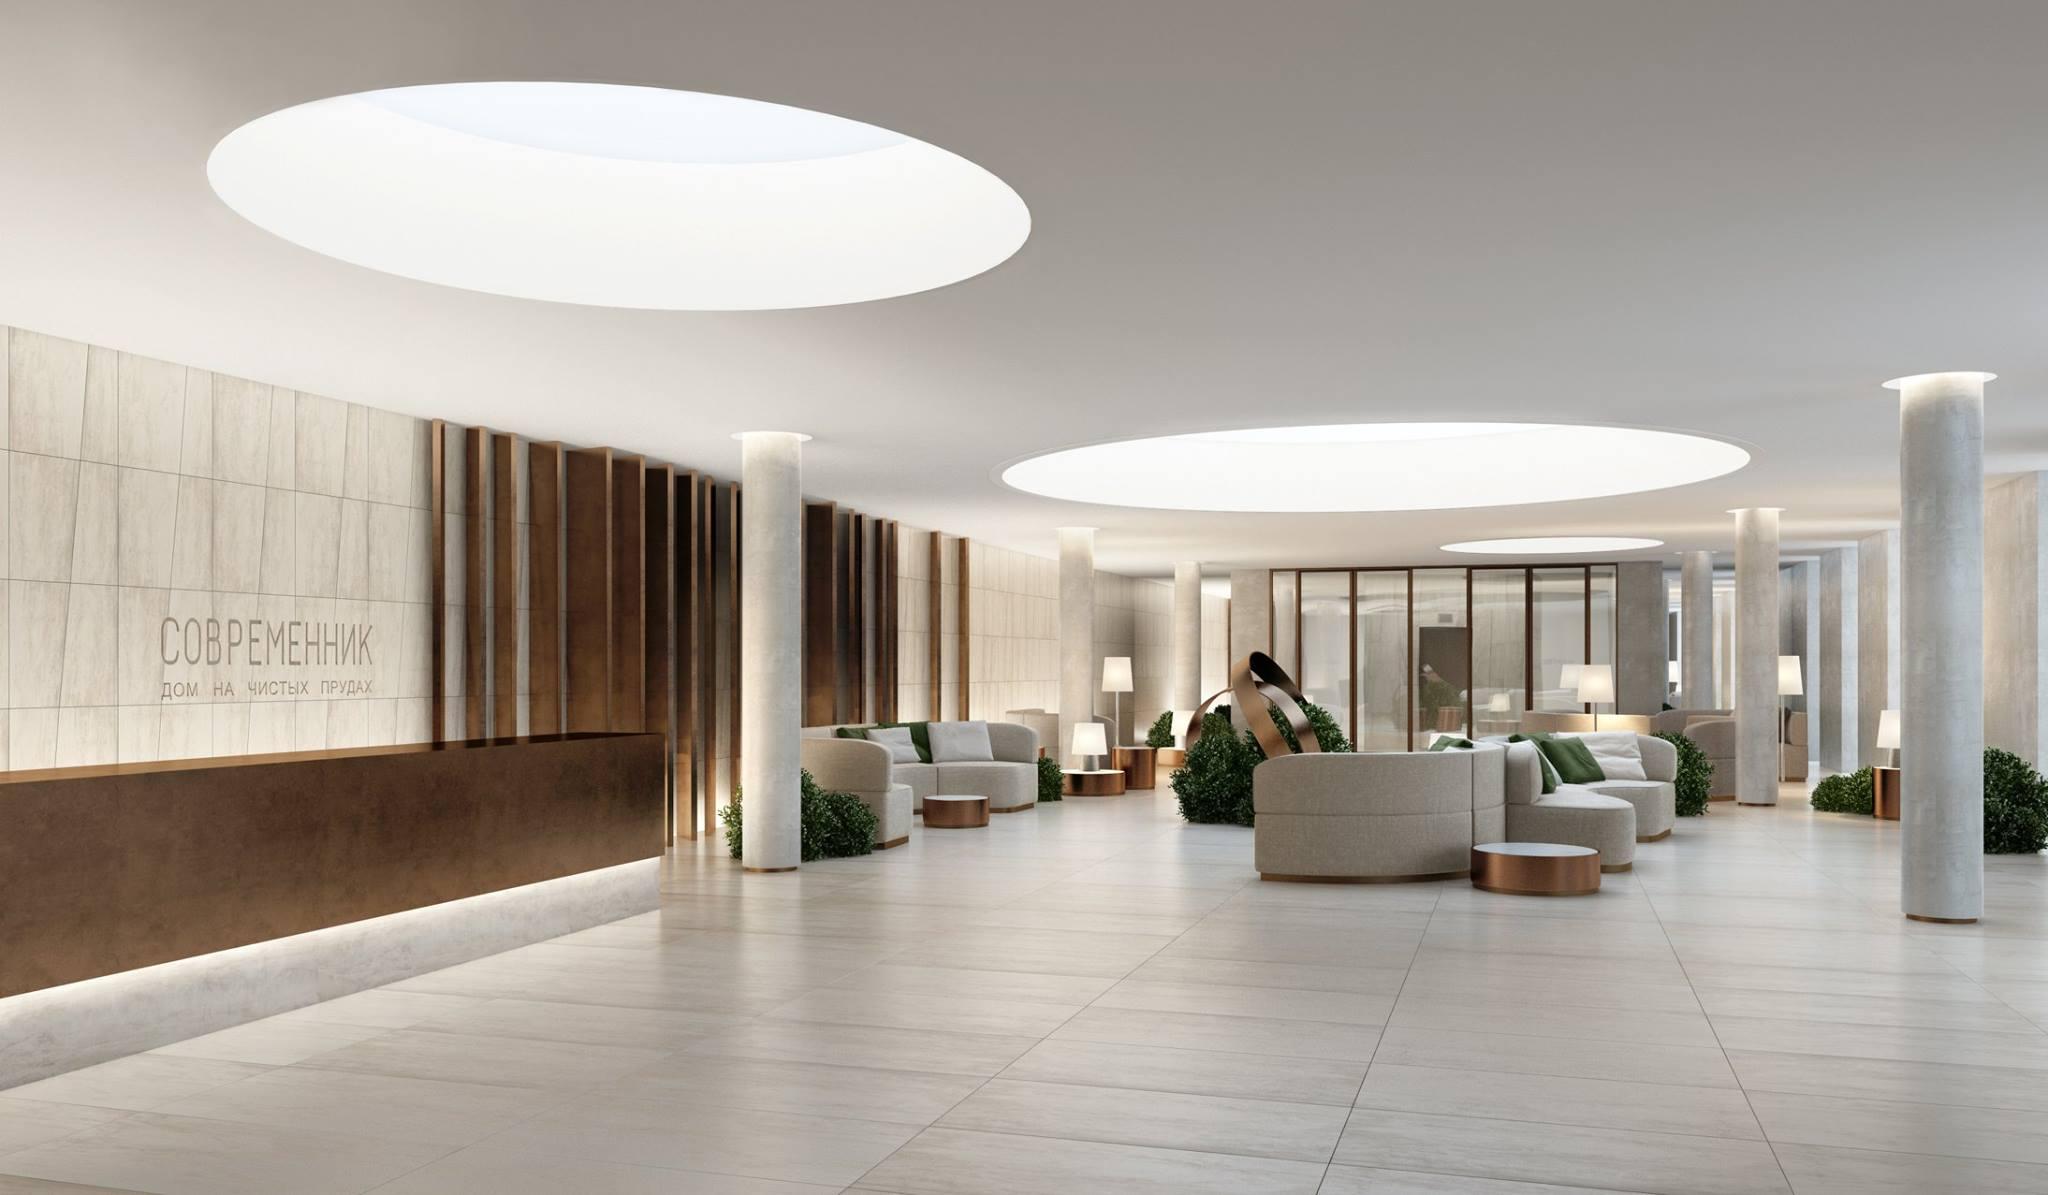 В доме «Современник» реализовано более 50% всех апартаментов премиального класса